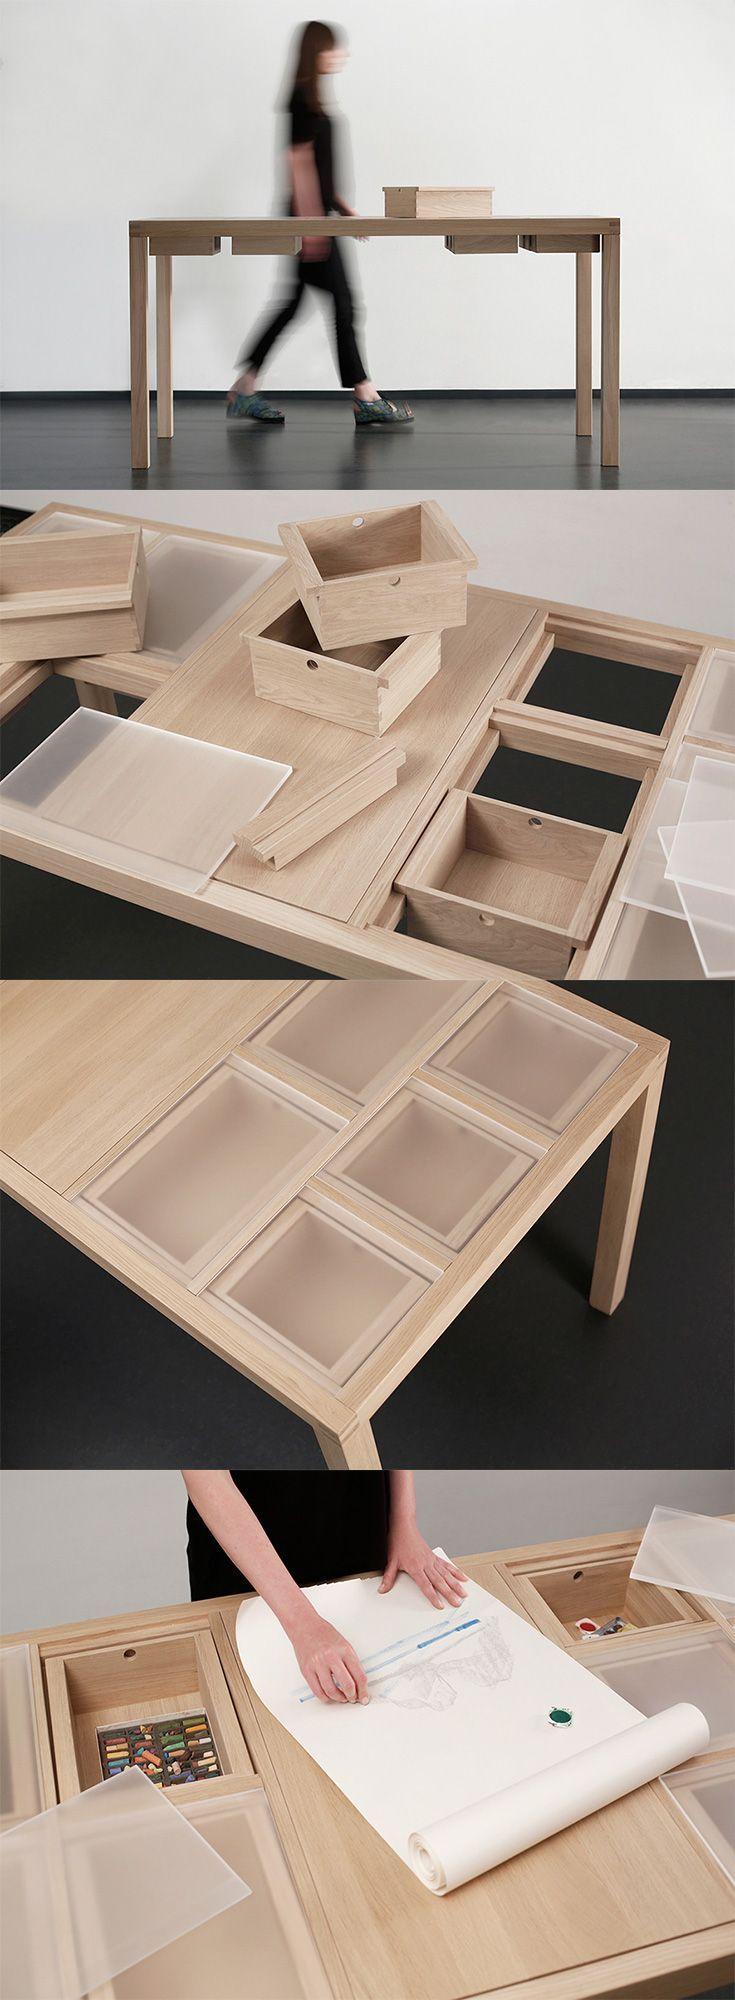 Escritorio modular de madera de pino con ensambles de Horquilla, diseñado por Laura Mrkša. -AK